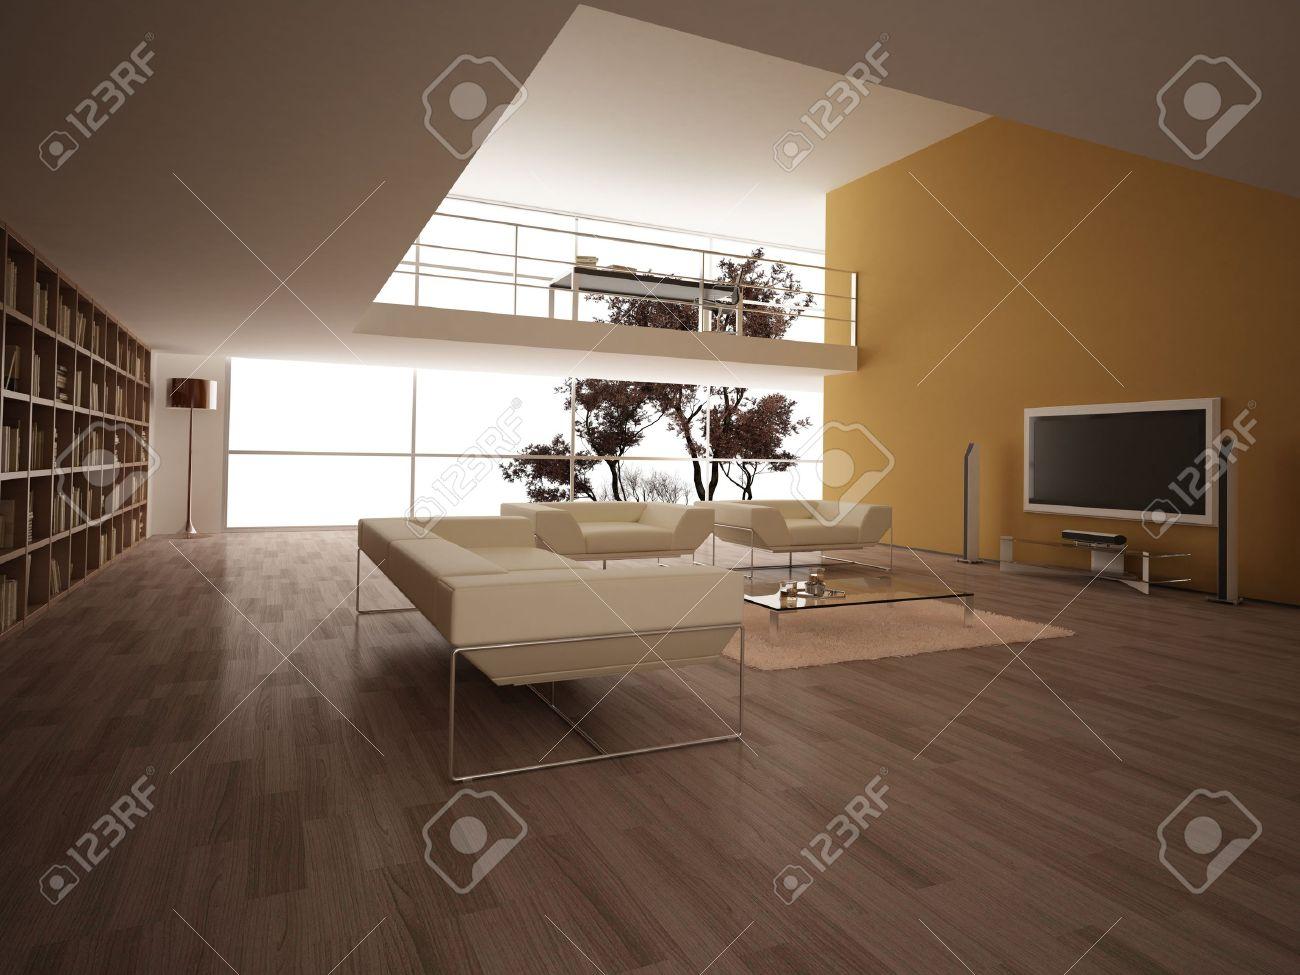 Moderne Große Wohnzimmer, Mit Holzfußboden, Bücherregale Und Andere ...